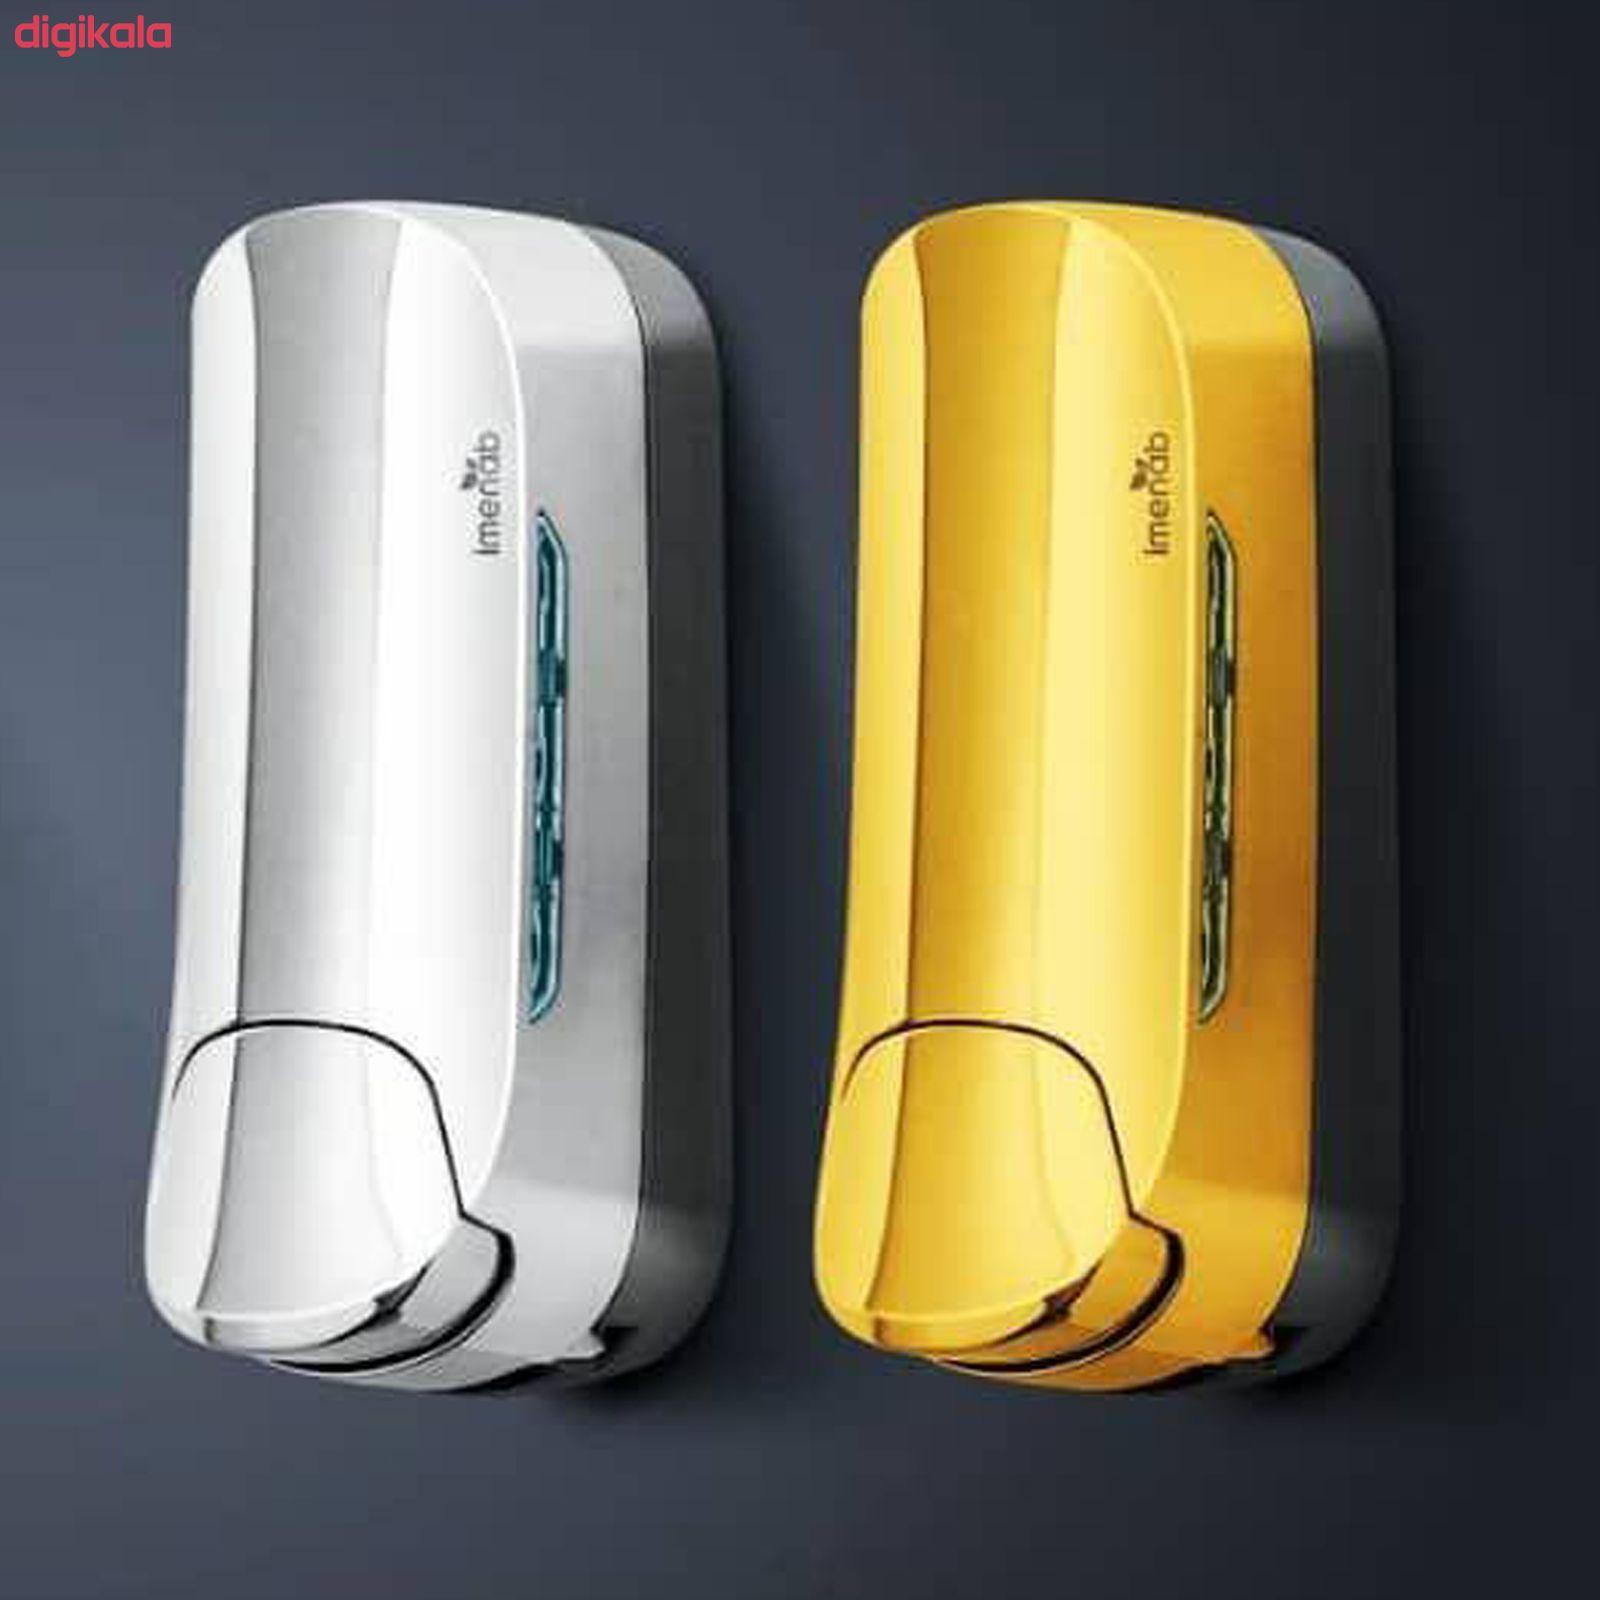 پمپ مایع دستشویی ایمن آب مدل ایما کد G1040 main 1 4